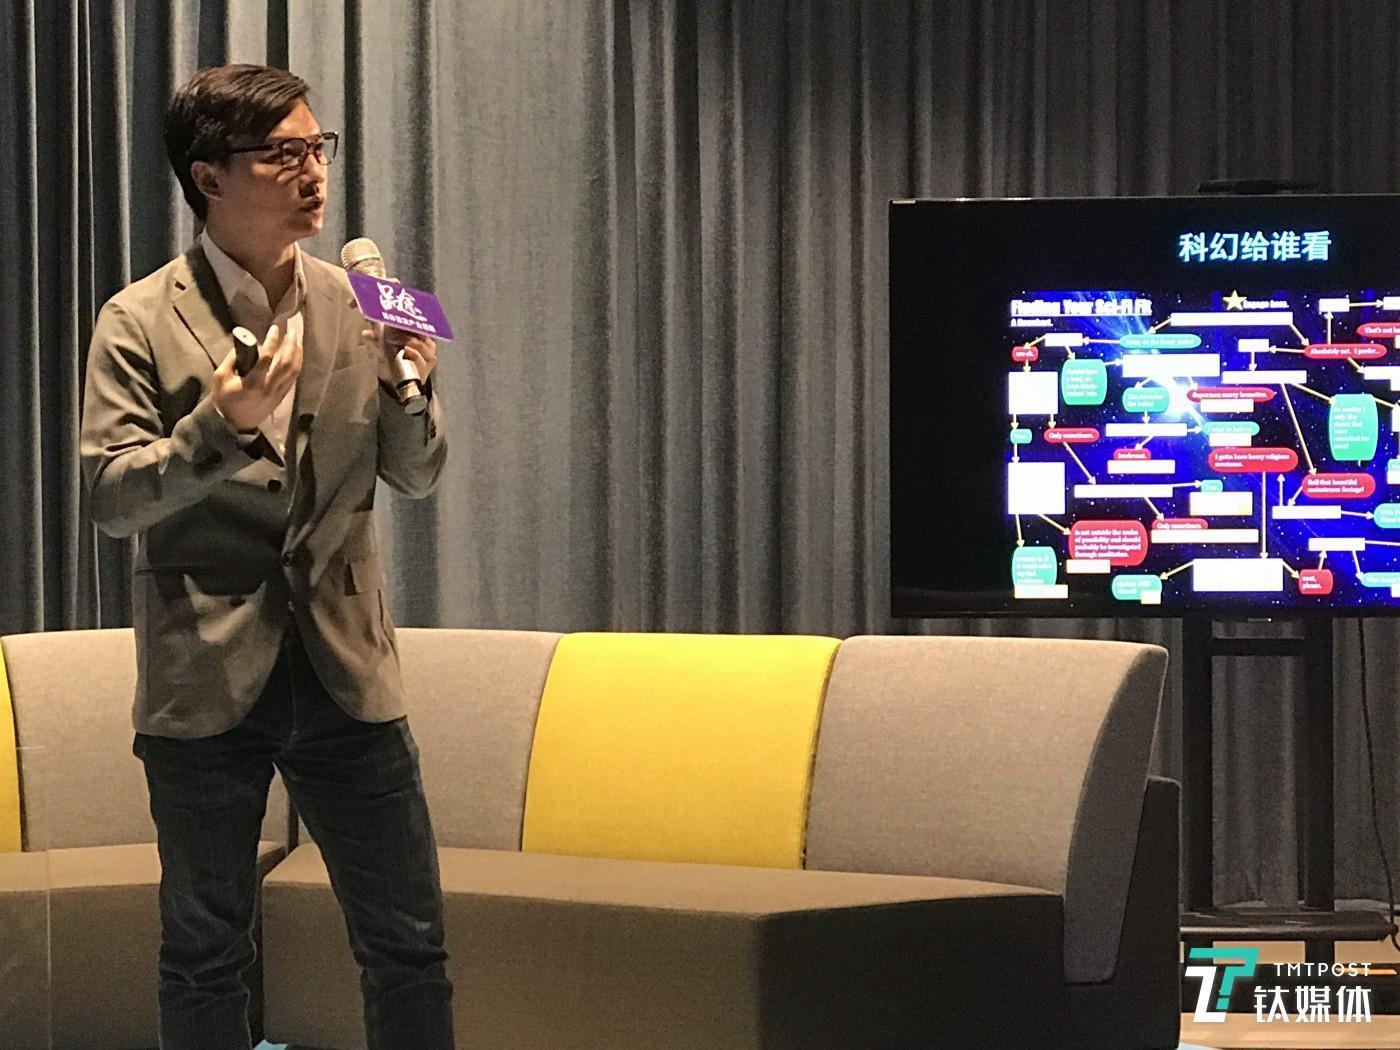 陈楸帆既是科幻作者也是科幻电影项目参与者